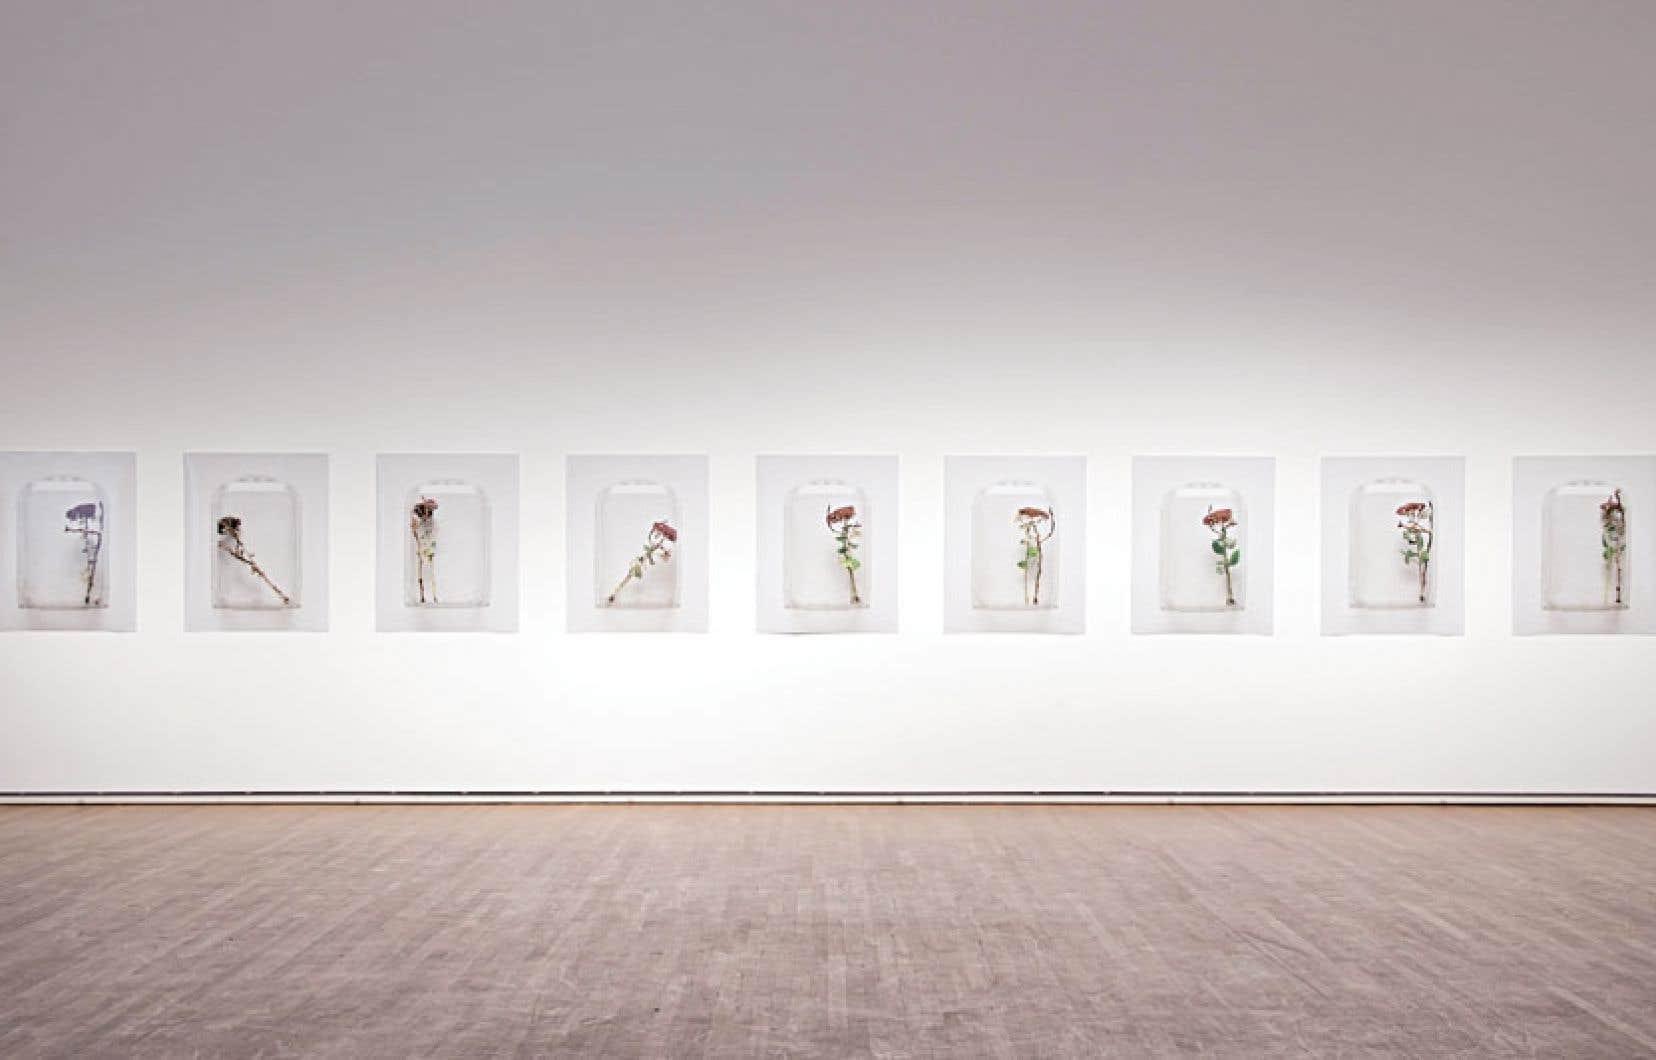 Chih-Chien Wang a toujours été soucieux de l'accrochage de ses œuvres.